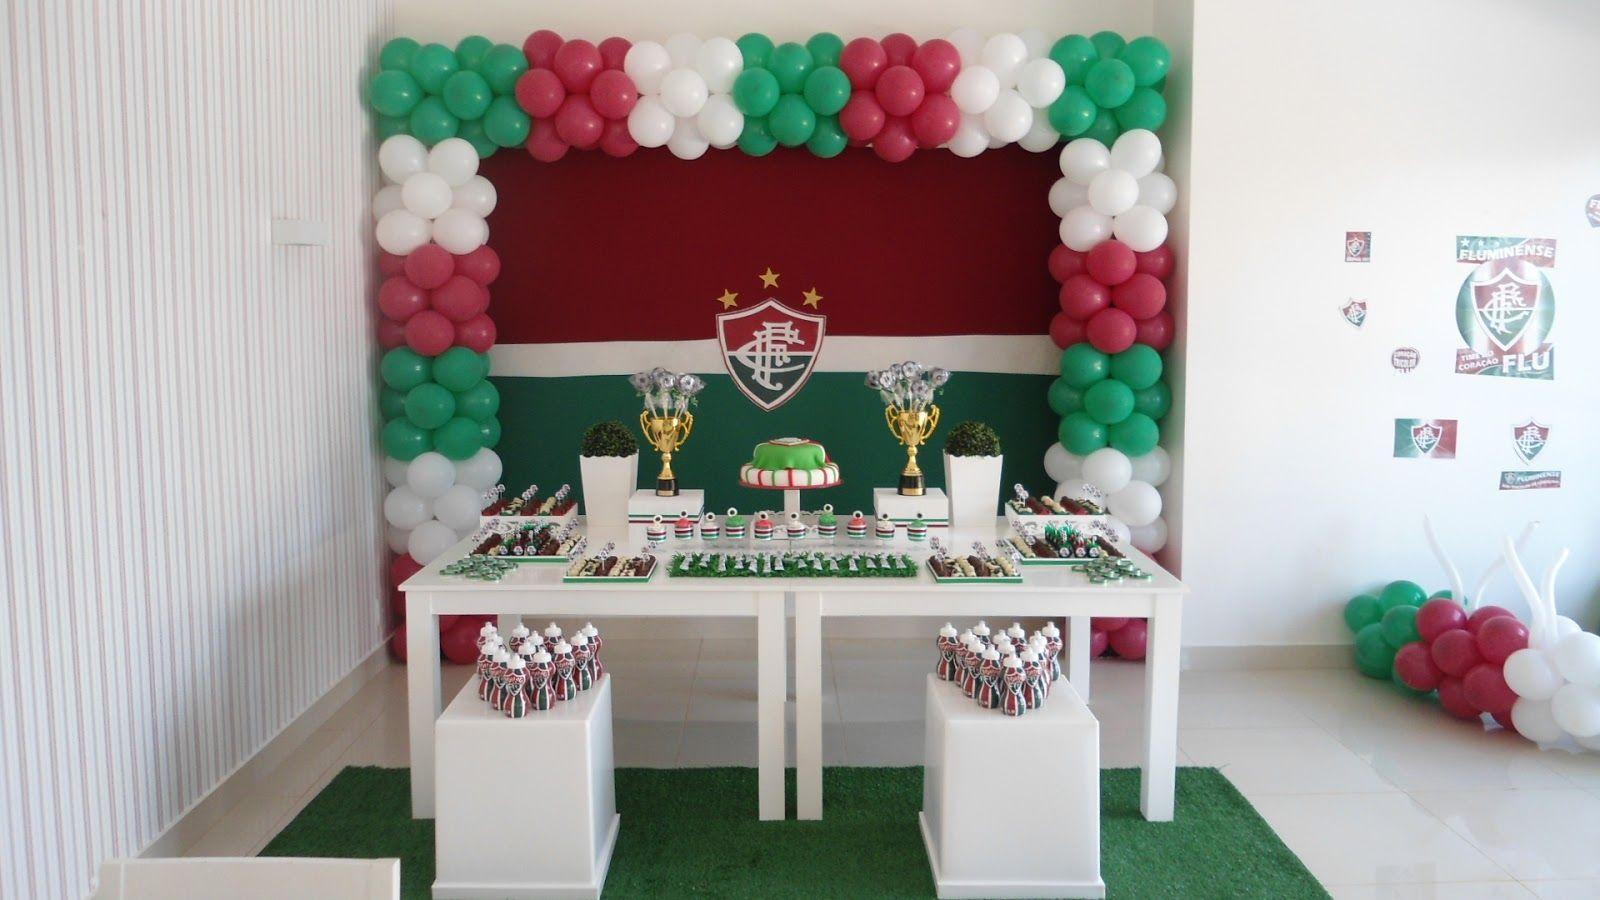 1ca65b678c1 Clean - Fluminense Festa Infantil Futebol, Festa De Futebol, Aniversário  Tema Futebol, Decoração